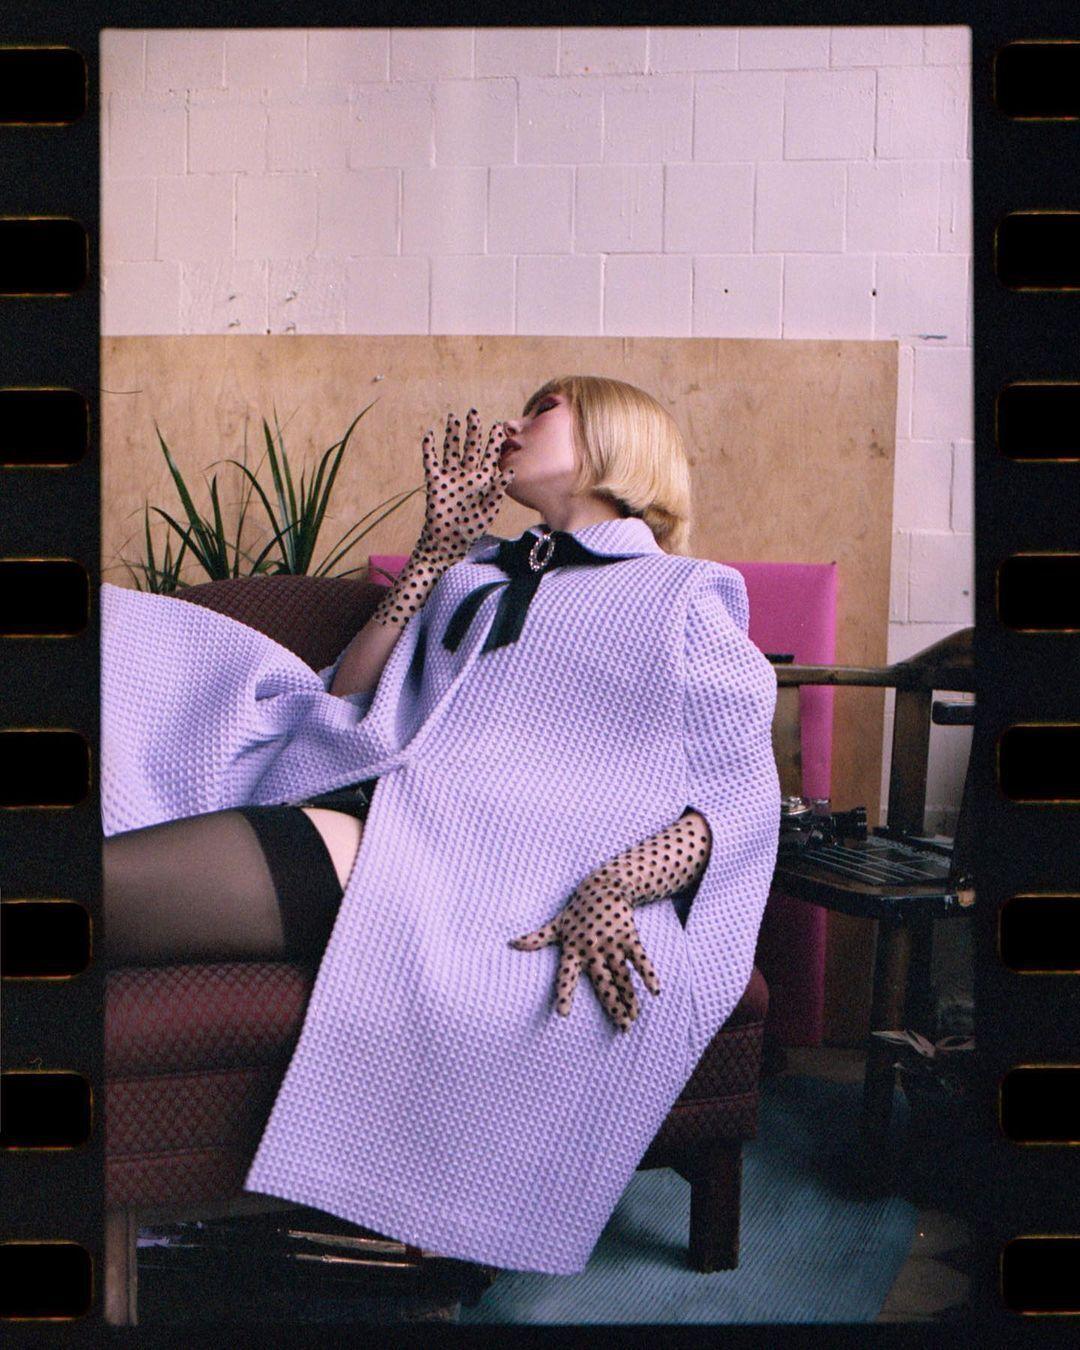 Соня Плакидюк в сексуальной фотосессии